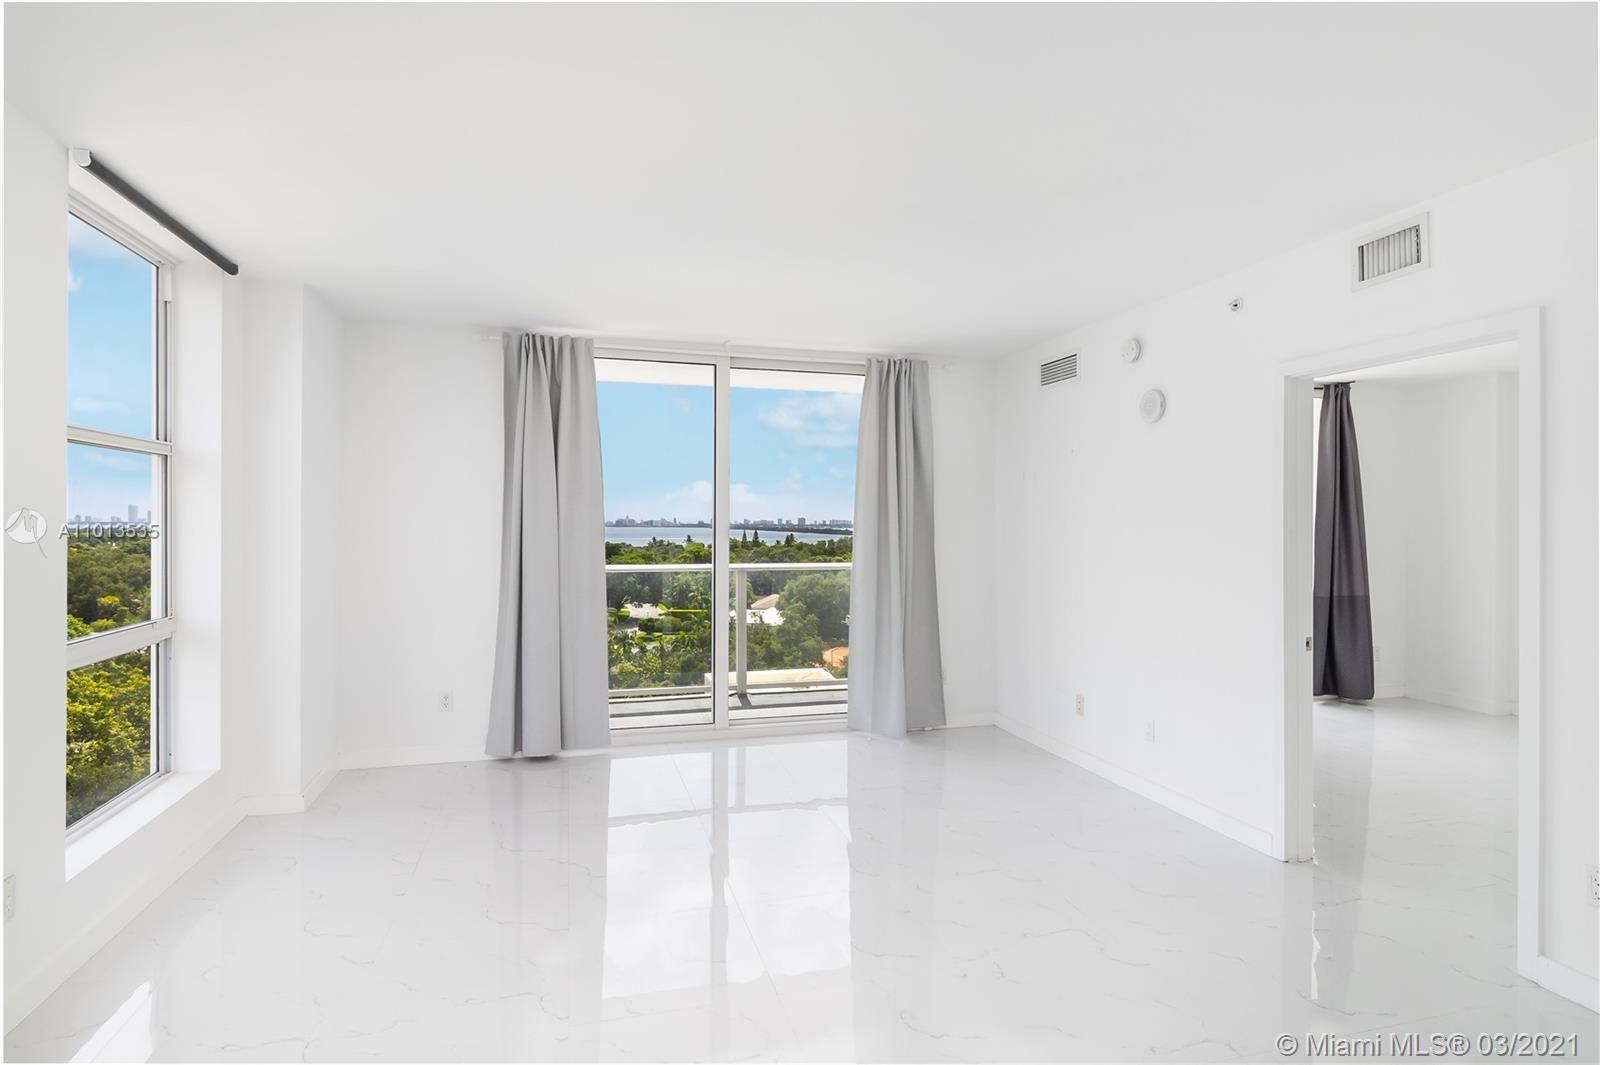 4250 Biscayne Blvd #809, Miami, FL 33137 - #: A11013535